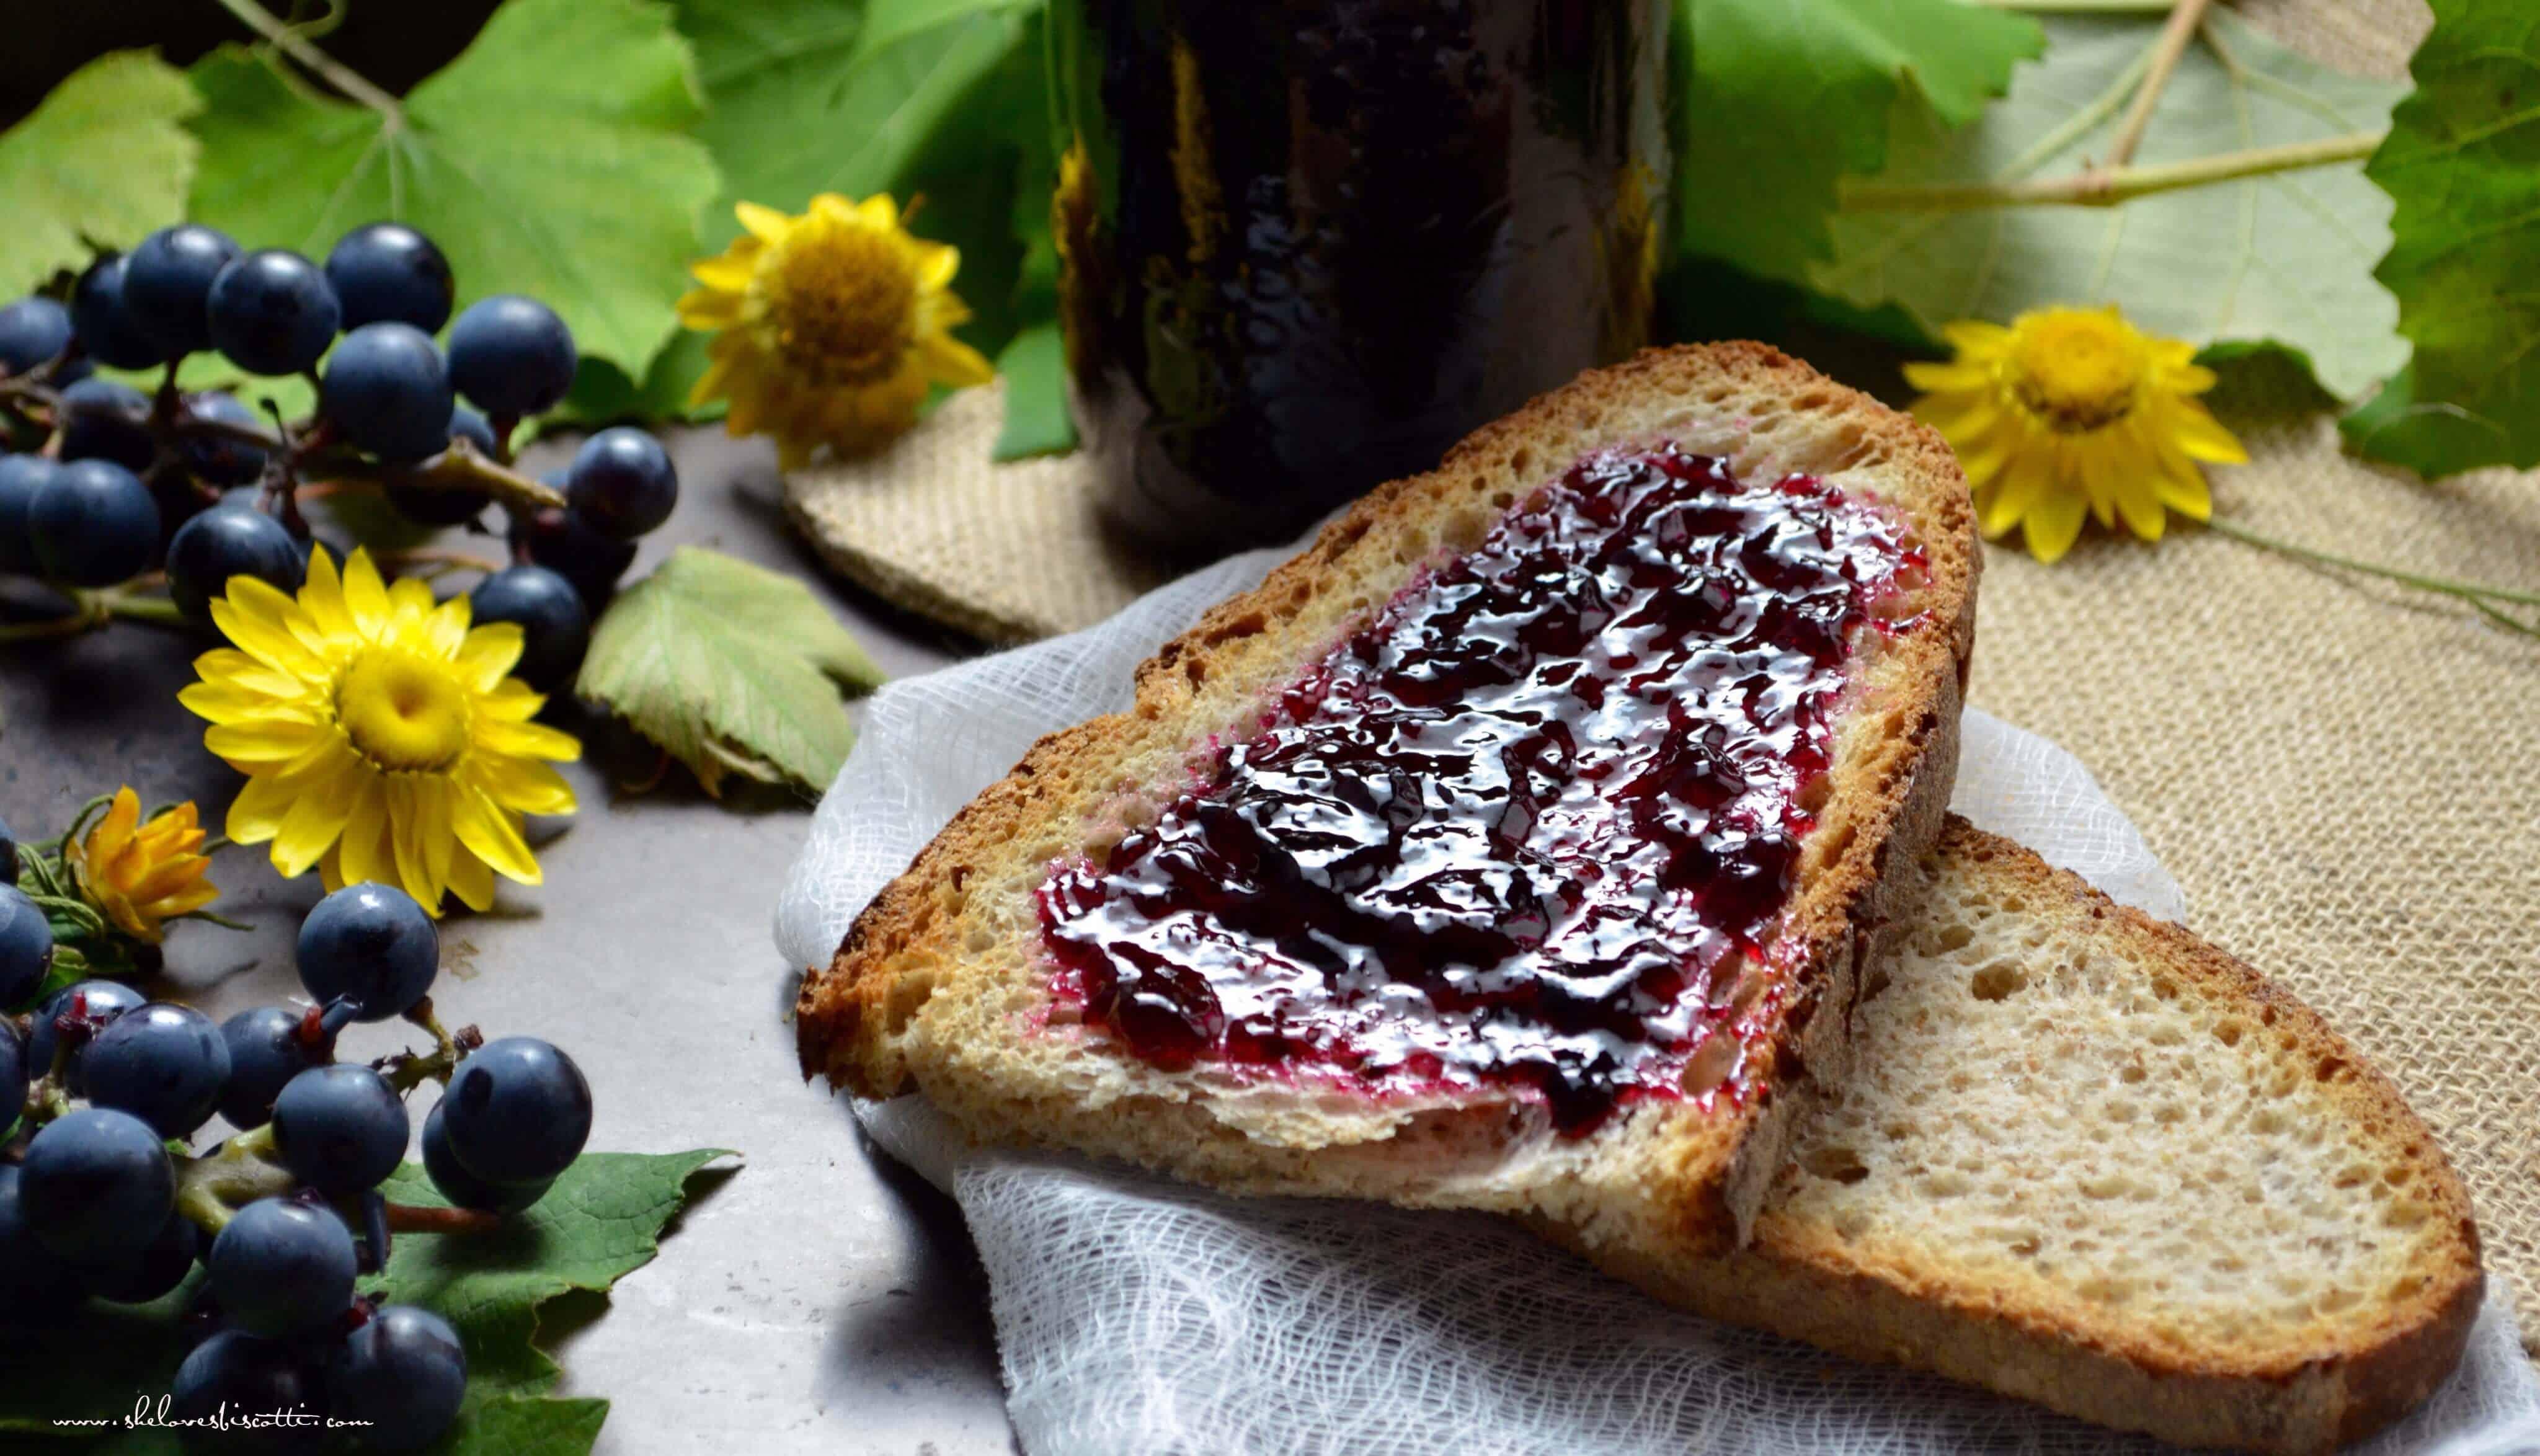 Homemade Concord Grape Jelly -A Step by Step Tutorial